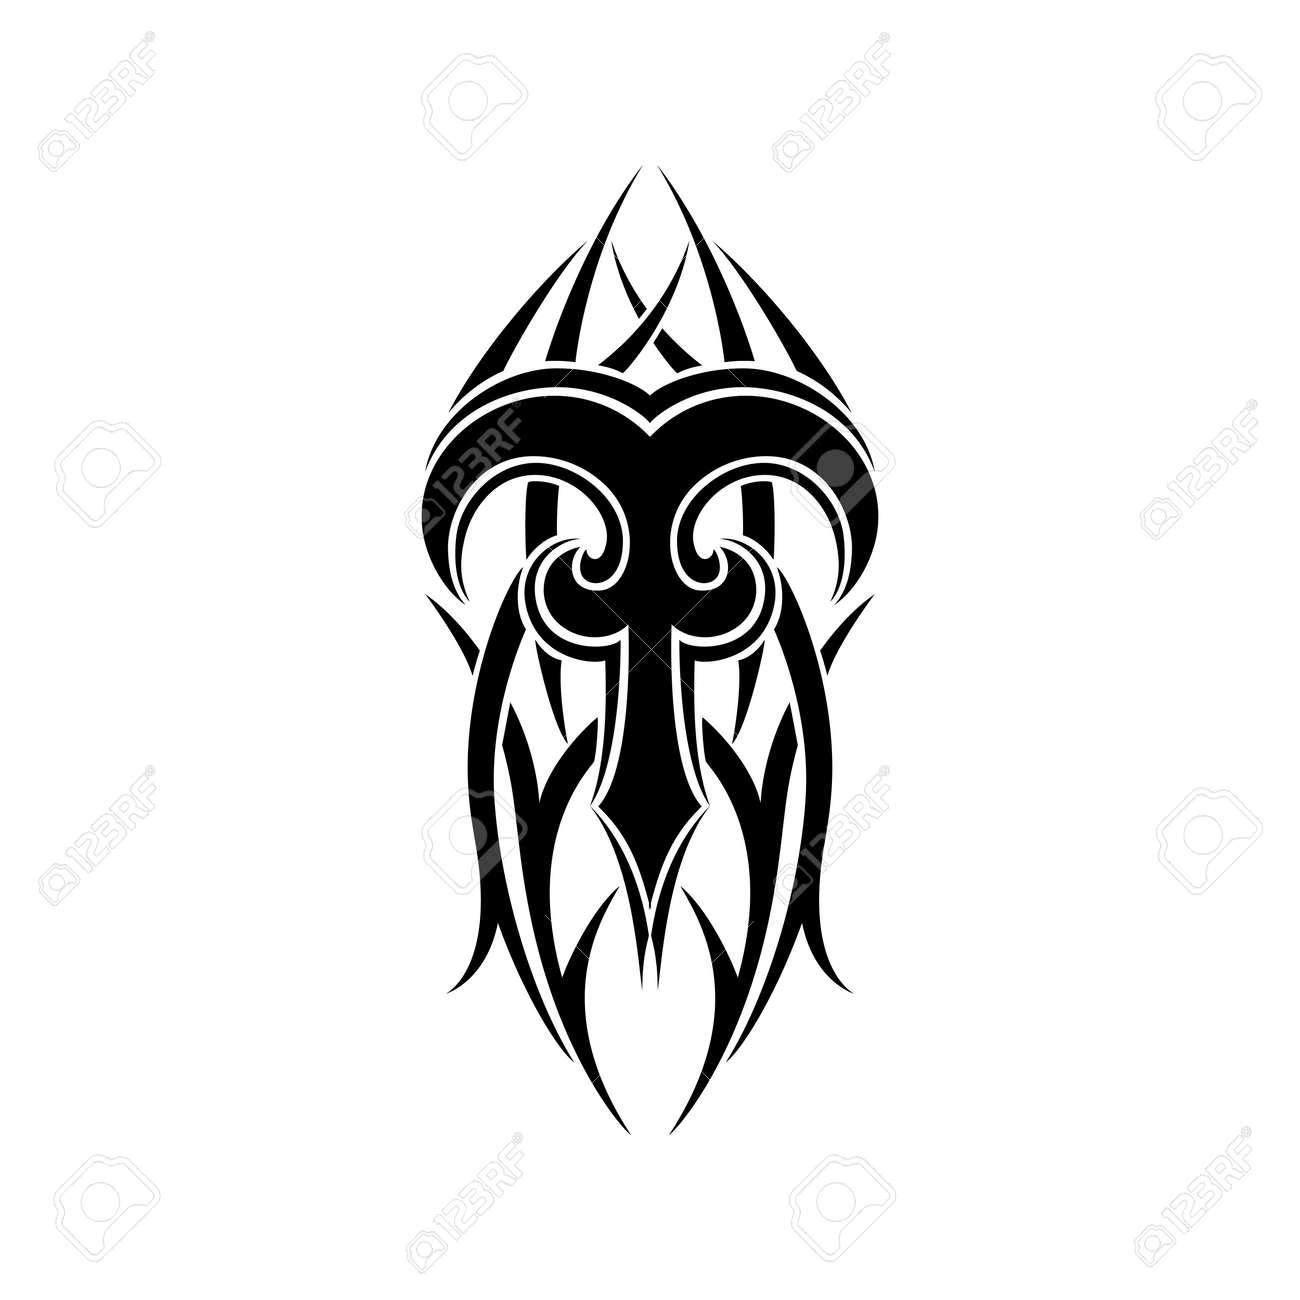 Widder Tierkreis Zusammenfassung Tribal Tattoo Design Isoliert Auf